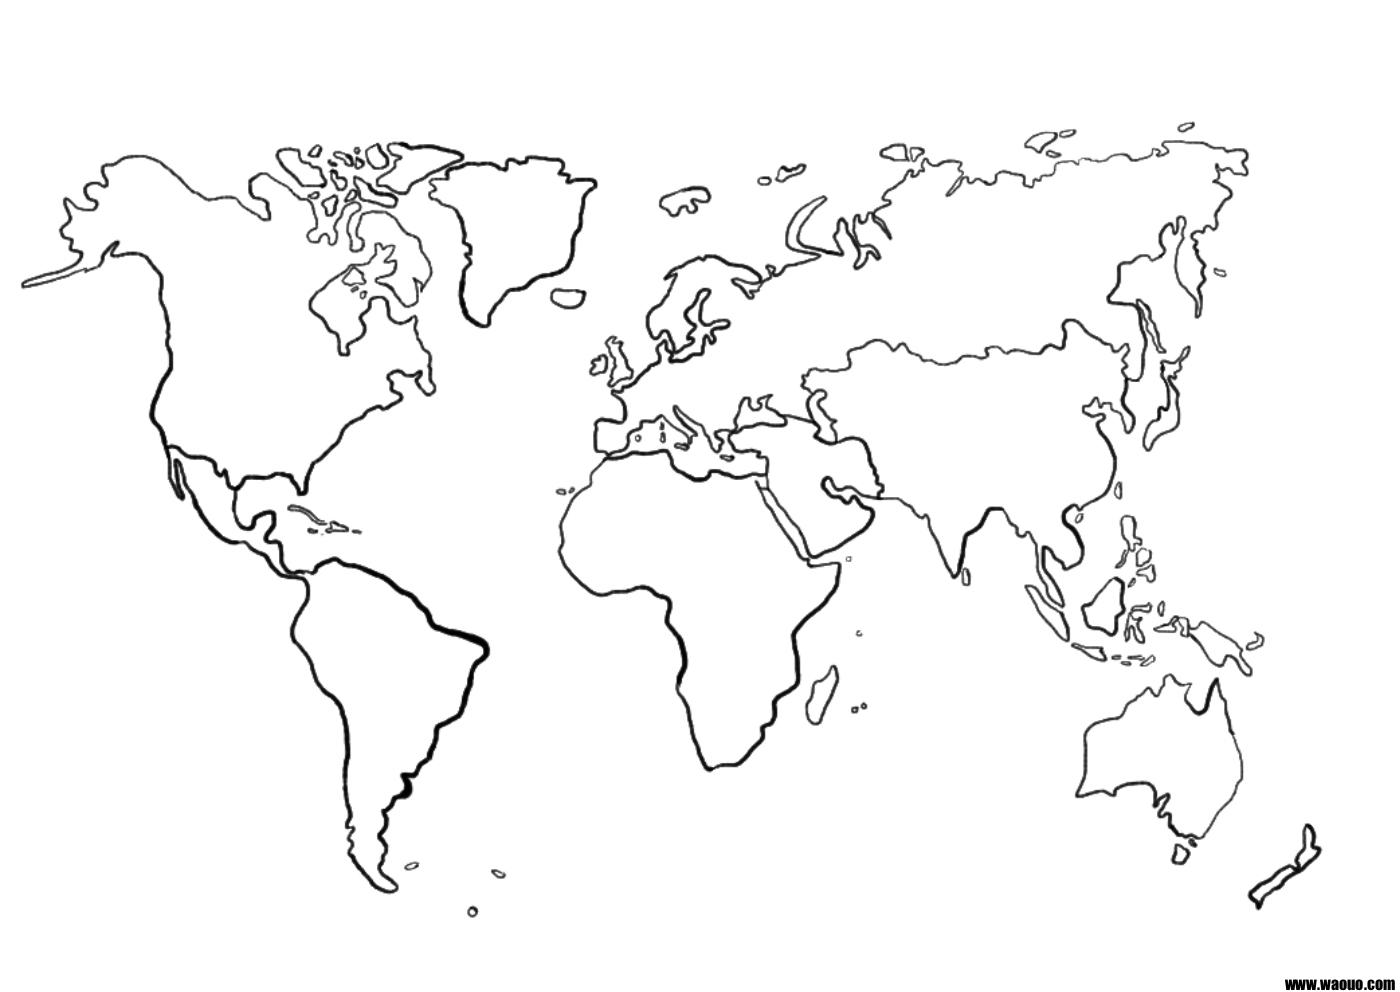 Une Carte Du Monde (Mappemonde) Vierge Pour La Géographie À intérieur Carte Europe Vierge À Compléter En Ligne